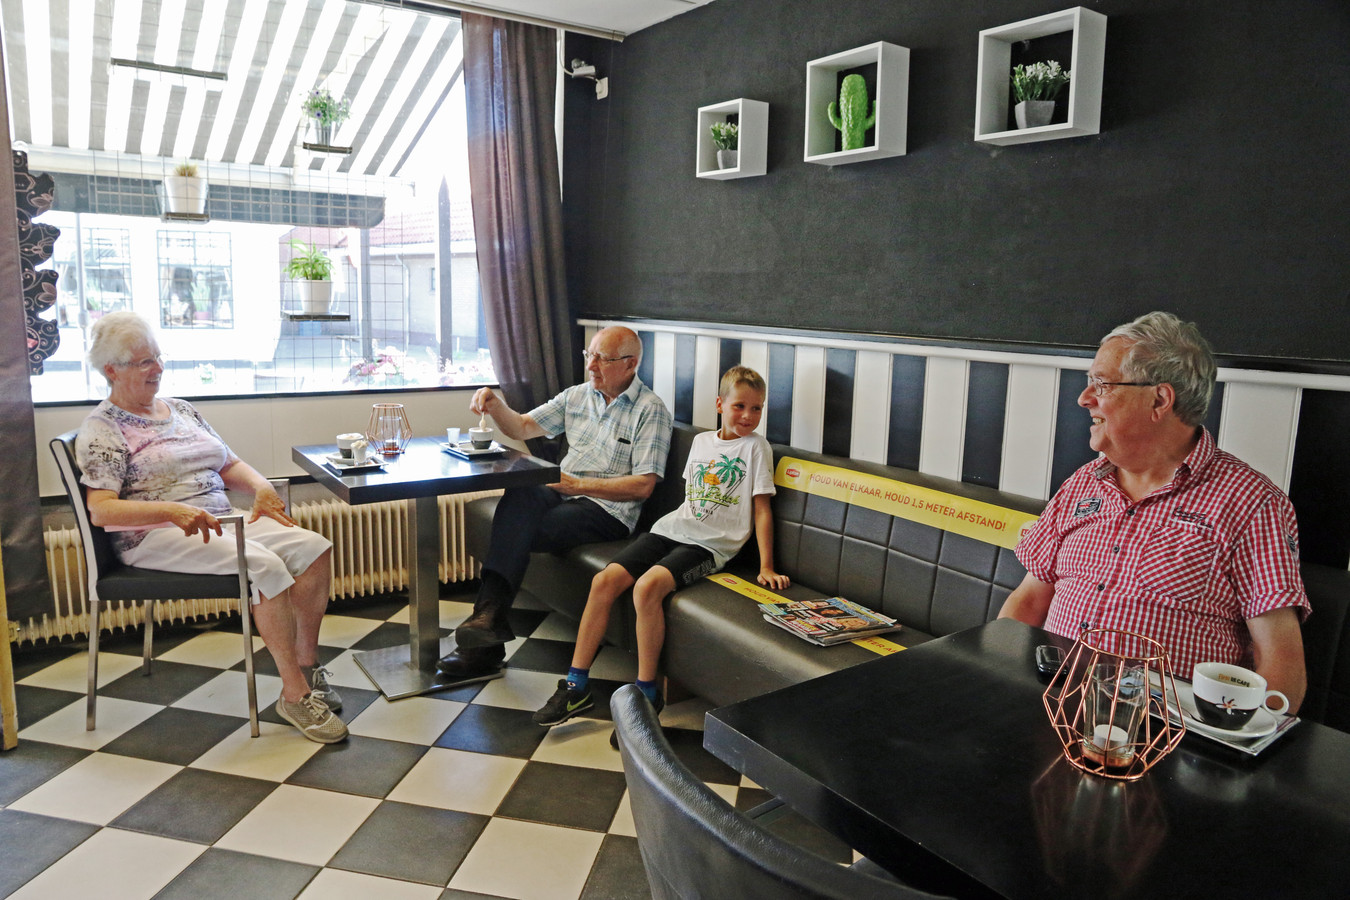 Het echtpaar Wijen, de jonge Sem en Ben Verkuijlen in café Het Soete Huys in Ittervoort.